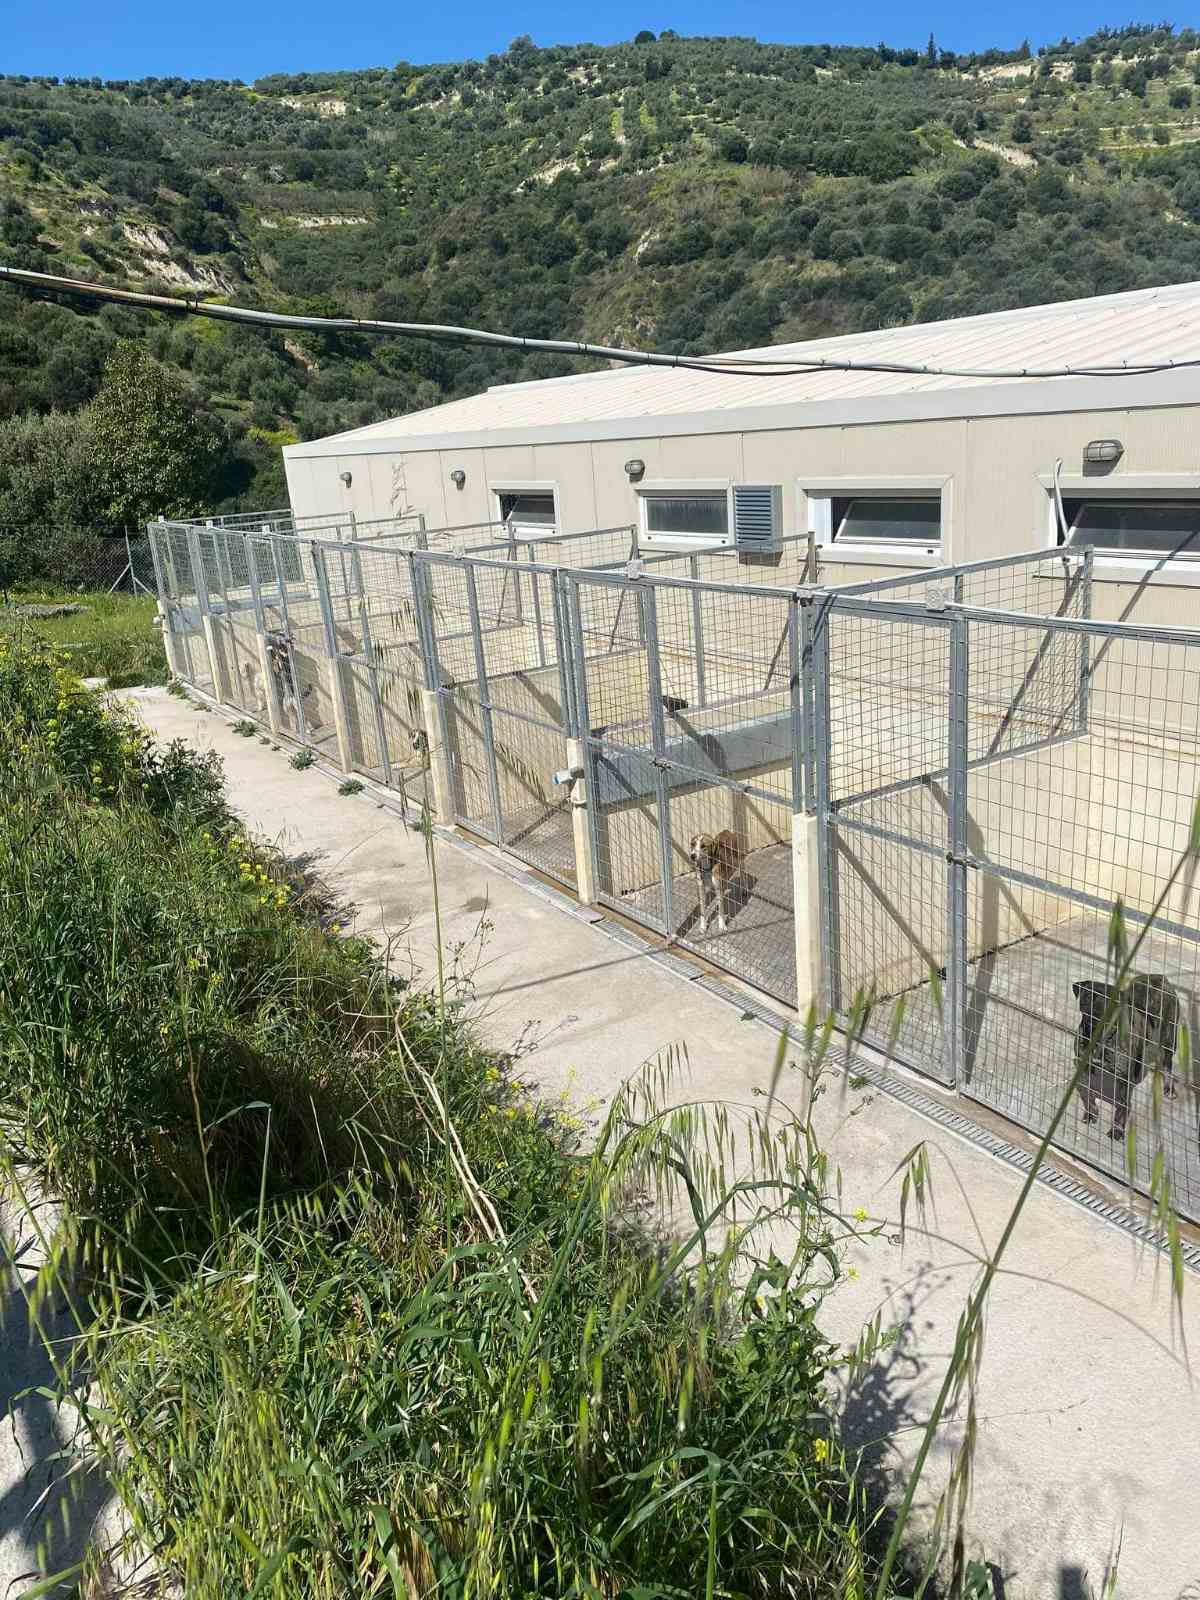 Στο Κυνοκομείο Ηρακλείου βρέθηκε η Αντιδήμαρχος – Τα ζώα θέλουν αγάπη, υπευθυνότητα, και όχι εγκατάλειψη